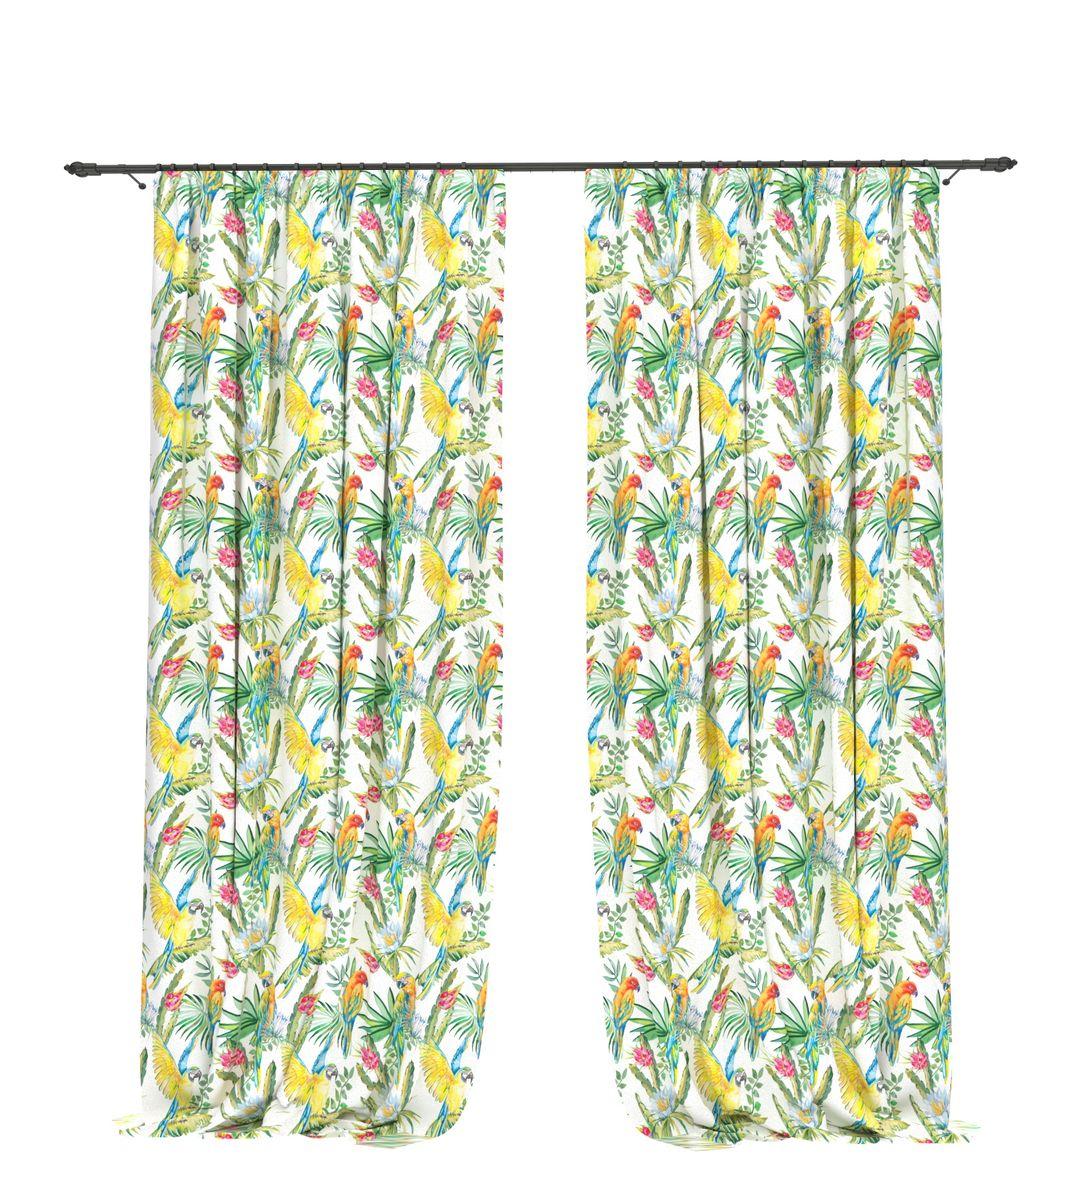 Комплект фотоштор Bellino Home Попугай в кактусе, высота 260 см. 05526-ФШ-ГБ-001шсг_12327Комплект фотоштор BELLINO HOME, коллекция Тропики. Рожденный вдоль экватора тропический стиль смешивает множество культур и традиций в единое целое. Эта коллекция подобно котлу, в котором варятся туземные материалы, элегантная простота, экзотические мотивы и море солнечного света. Будто бы вечные каникулы: здесь замедляется время и замирает суета мегаполиса. Богатое разнообразие флоры и фауны способно преобразить атмосферу любого интерьера. Крепление на карниз при помощи шторной ленты на крючки.В комплекте: Портьера: 2 шт. Размер (ШхВ): 145 см х 260 см. Рекомендации по уходу: стирка при 30 градусах гладить при температуре до 150 градусов Изображение на мониторе может немного отличаться от реального.